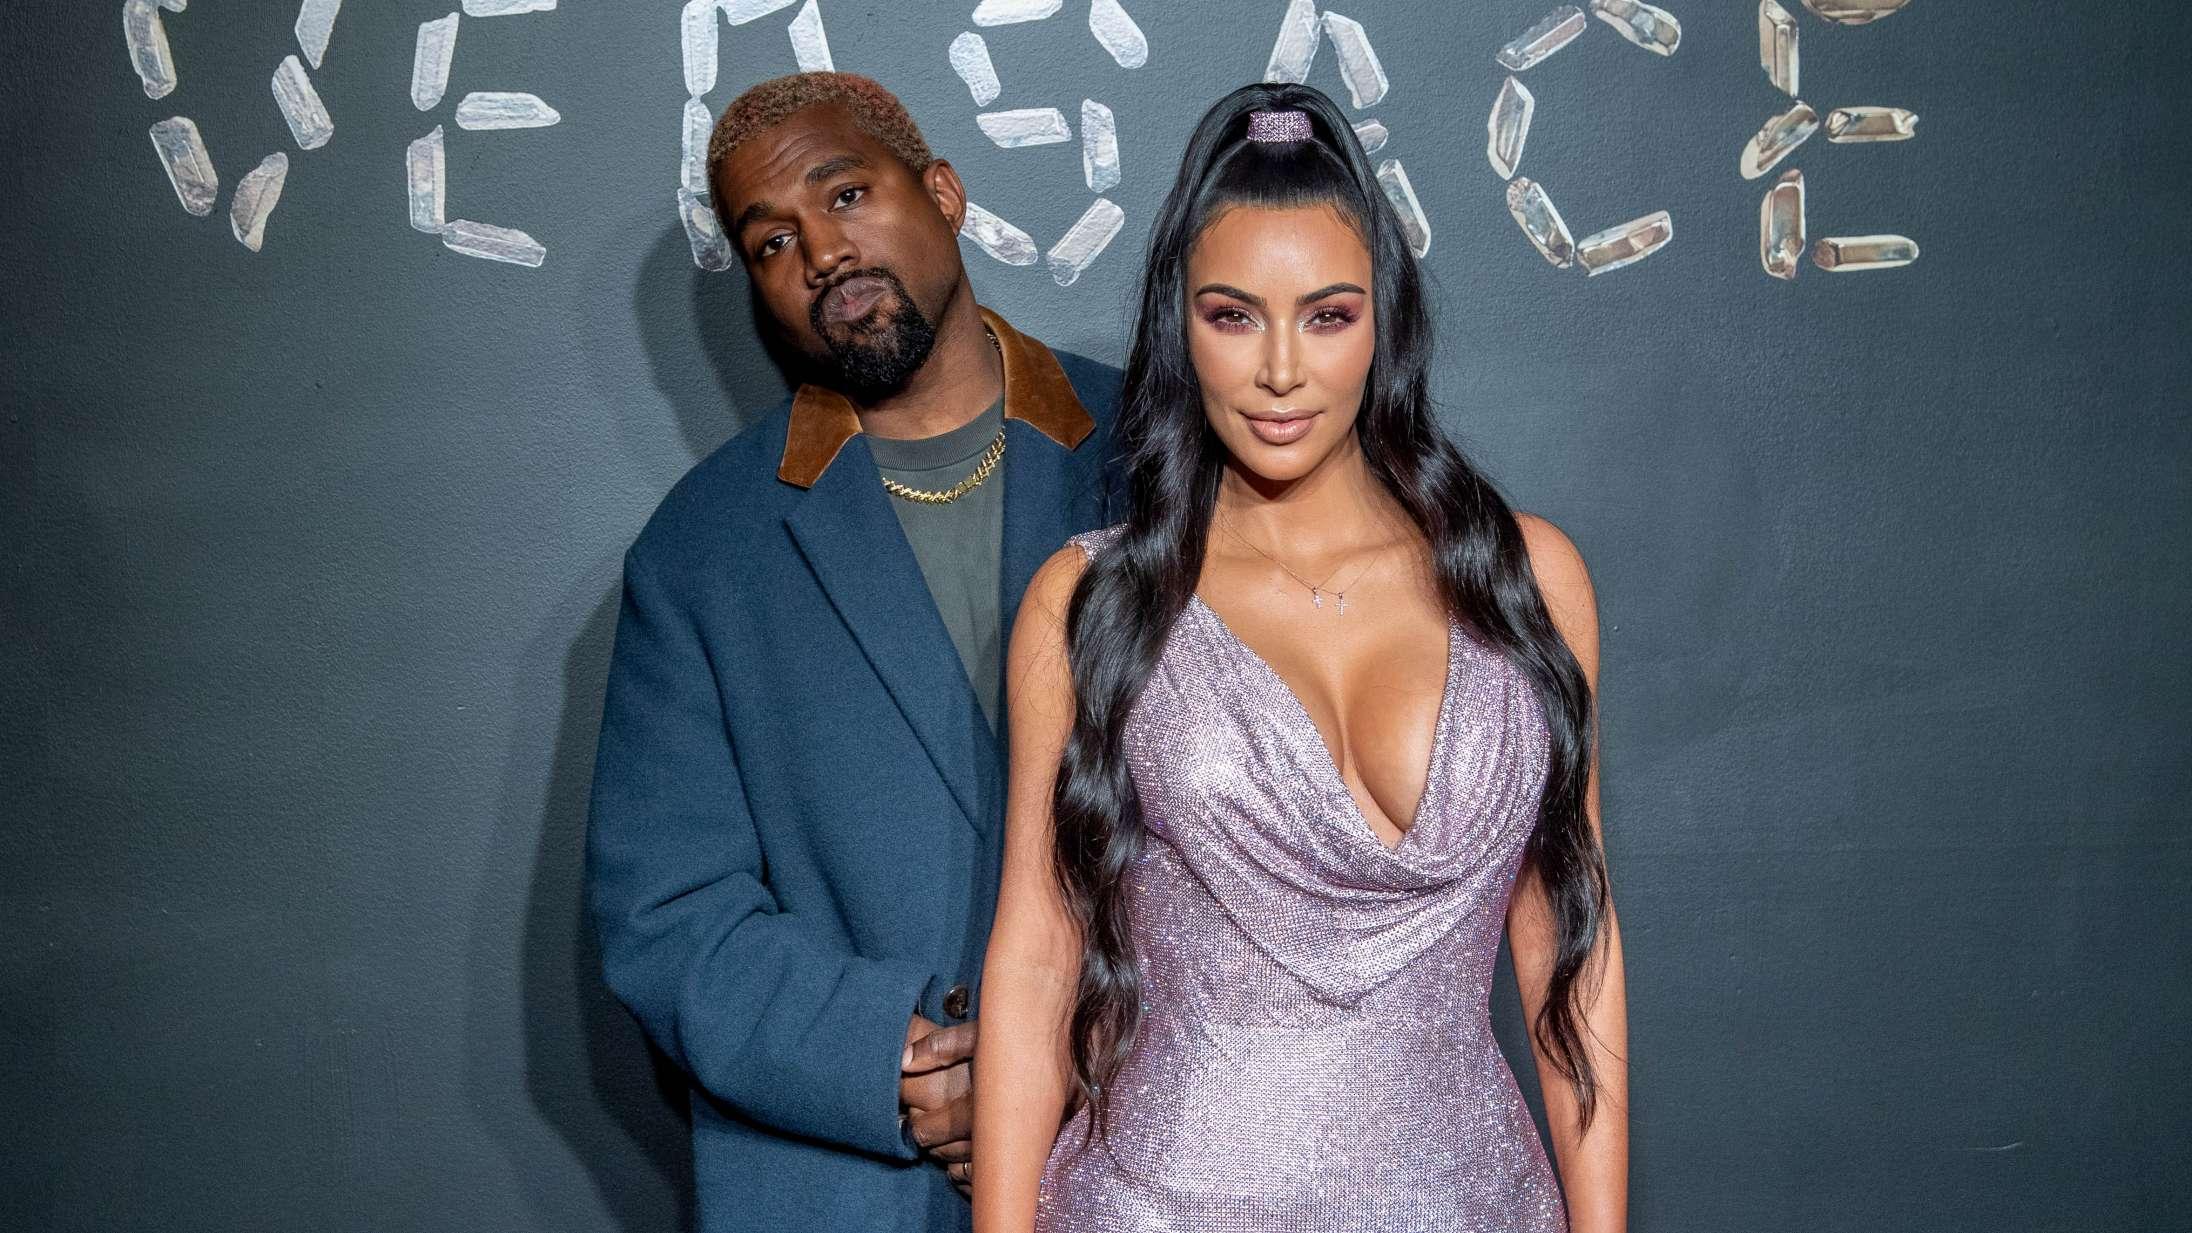 Efter anklager om utroskab: Kim Kardashian kommenterer Kanye Wests mentale helbred